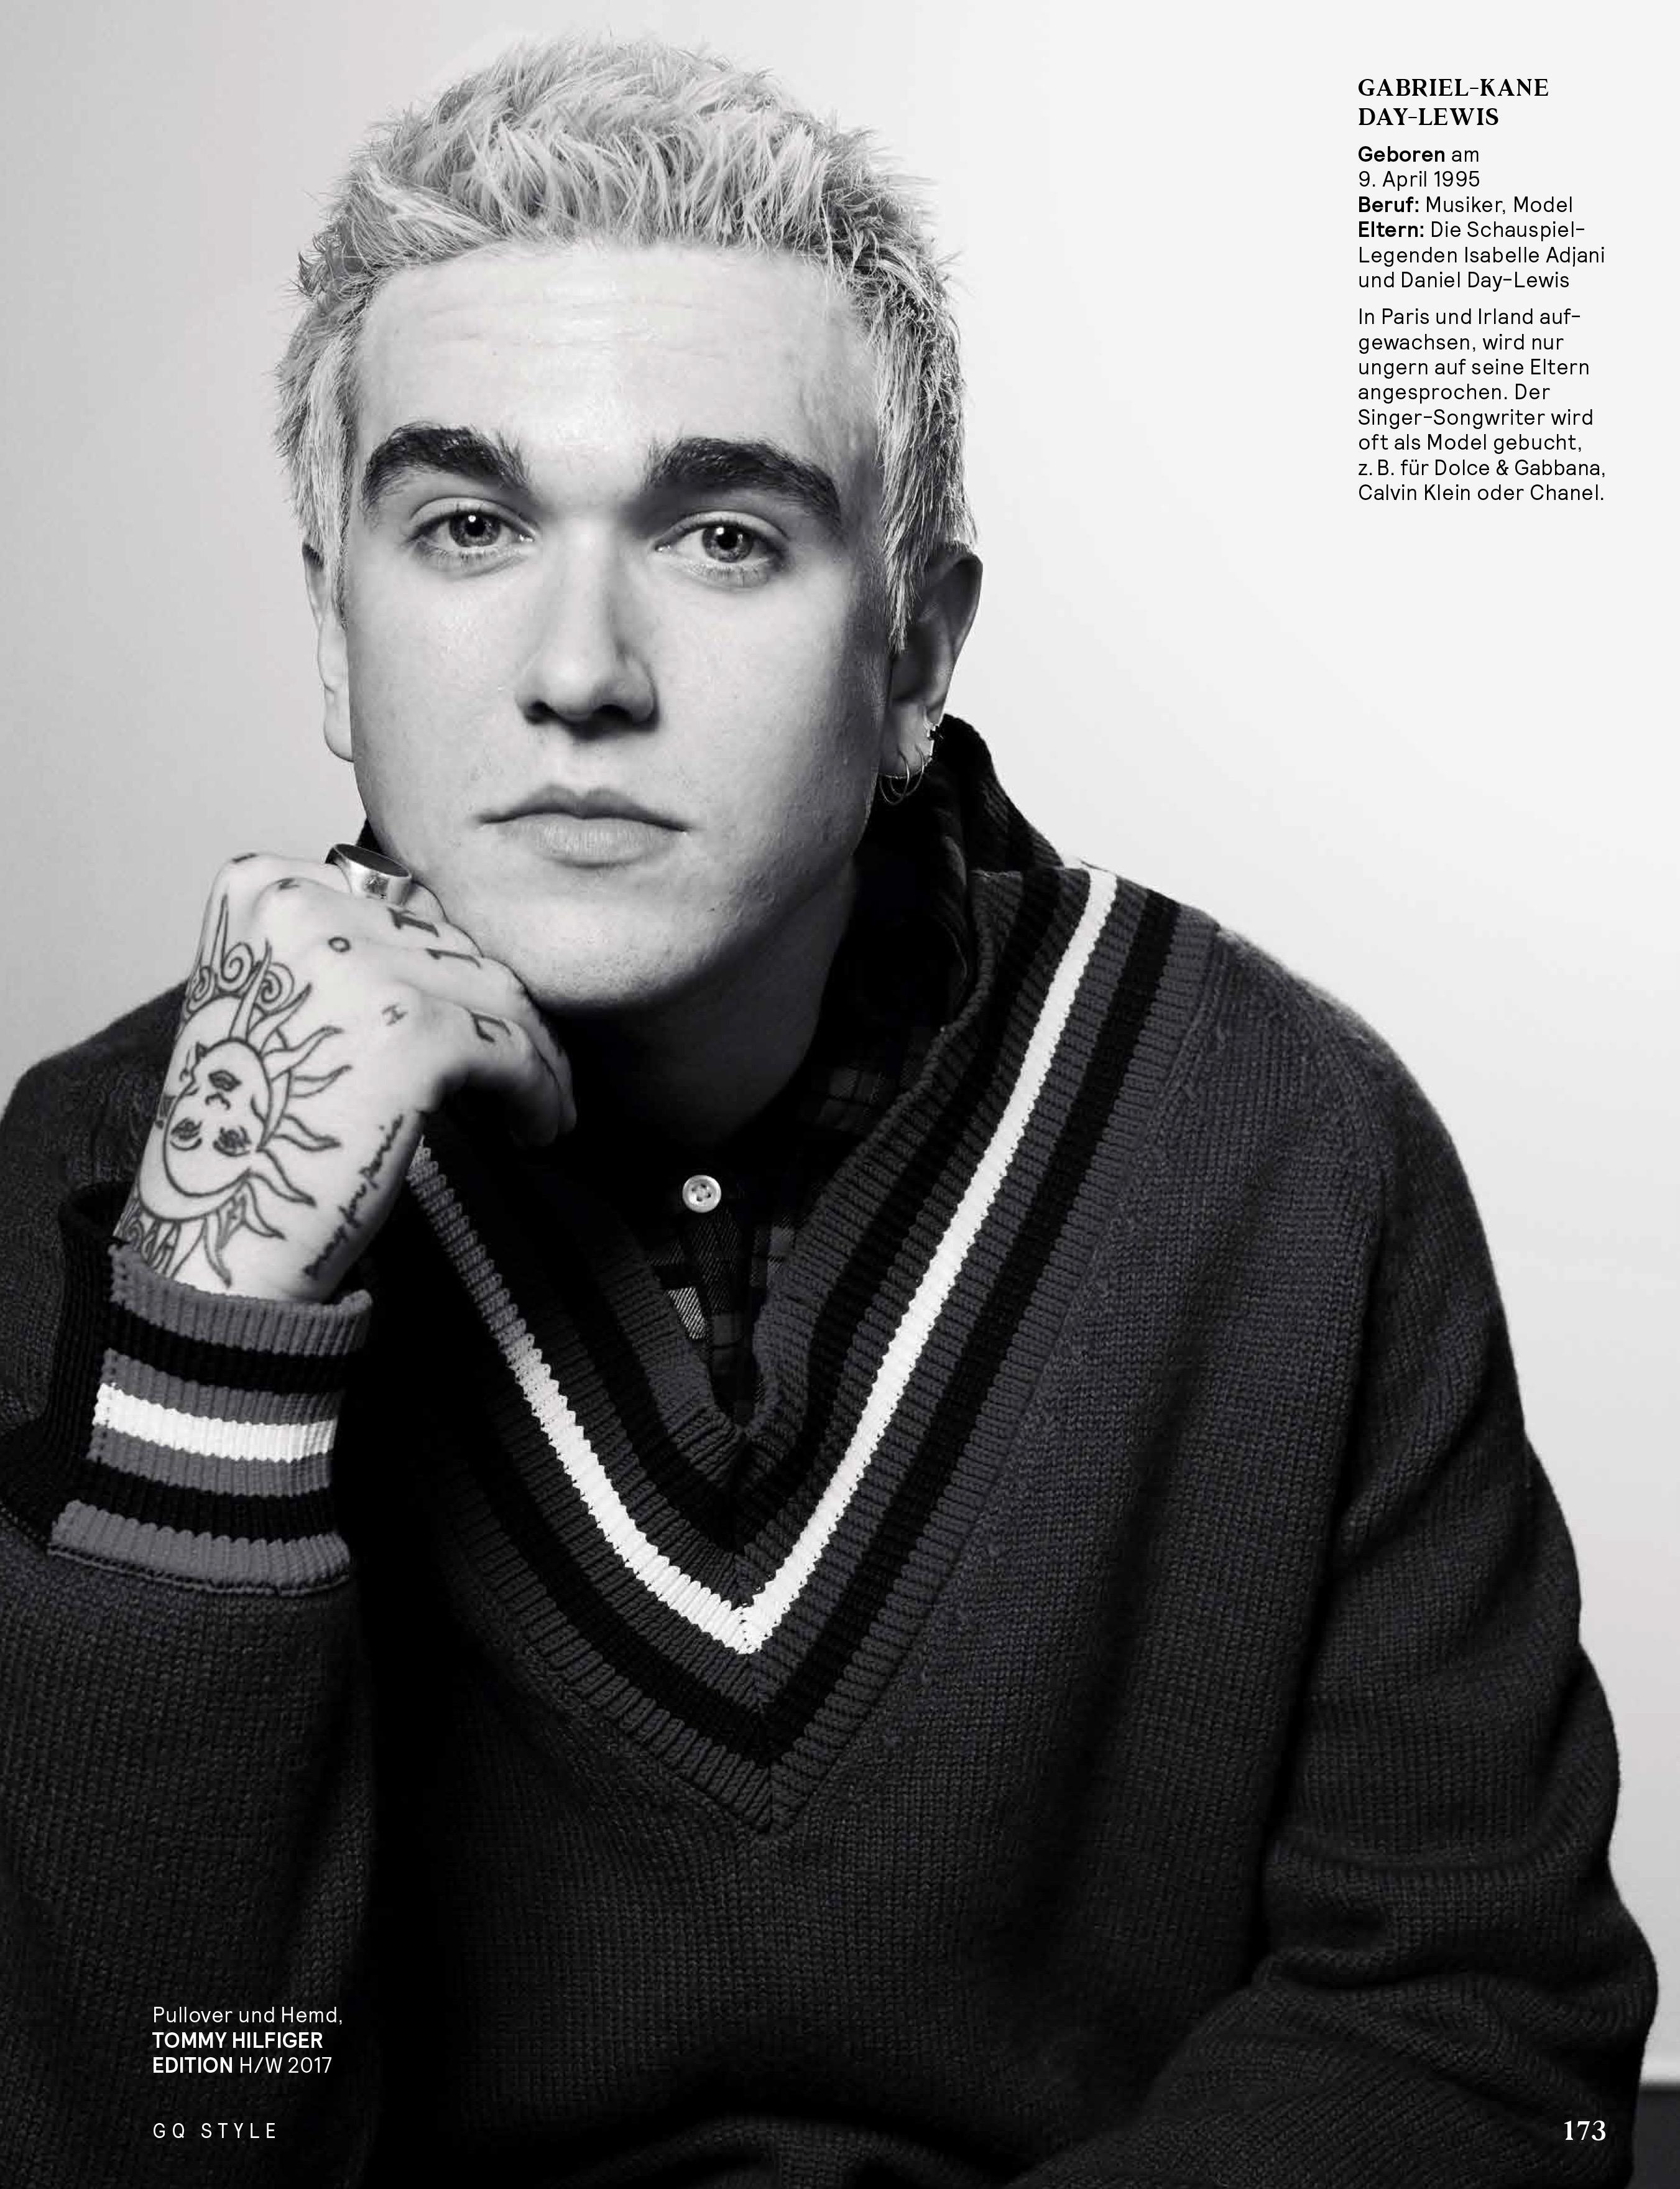 Gabriel-Kane Day-Lewis | IMG Models